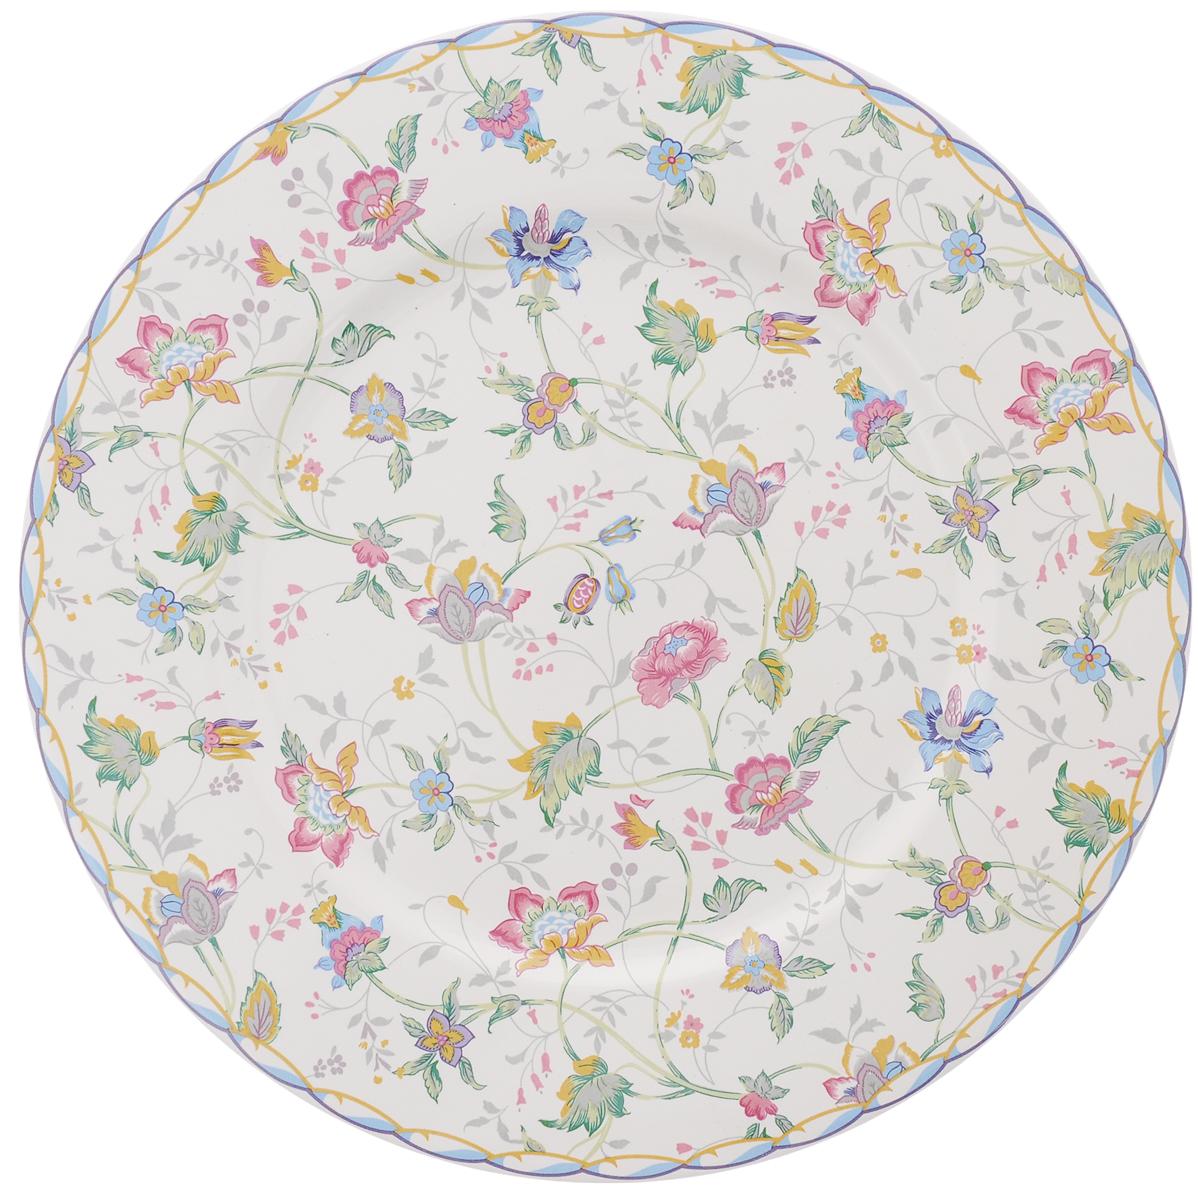 Тарелка House & Holder, диаметр 23 смAPRARN12030Тарелка House & Holder сочетает в себе изысканный дизайн с максимальной функциональностью. Красочность оформления придется по вкусу и ценителям классики, и тем, кто предпочитает утонченность и изысканность. Тарелка выполнена из фаянса. Оригинальный рисунок придает набору особый шарм, который понравится каждому.Диаметр тарелки: 23 см.